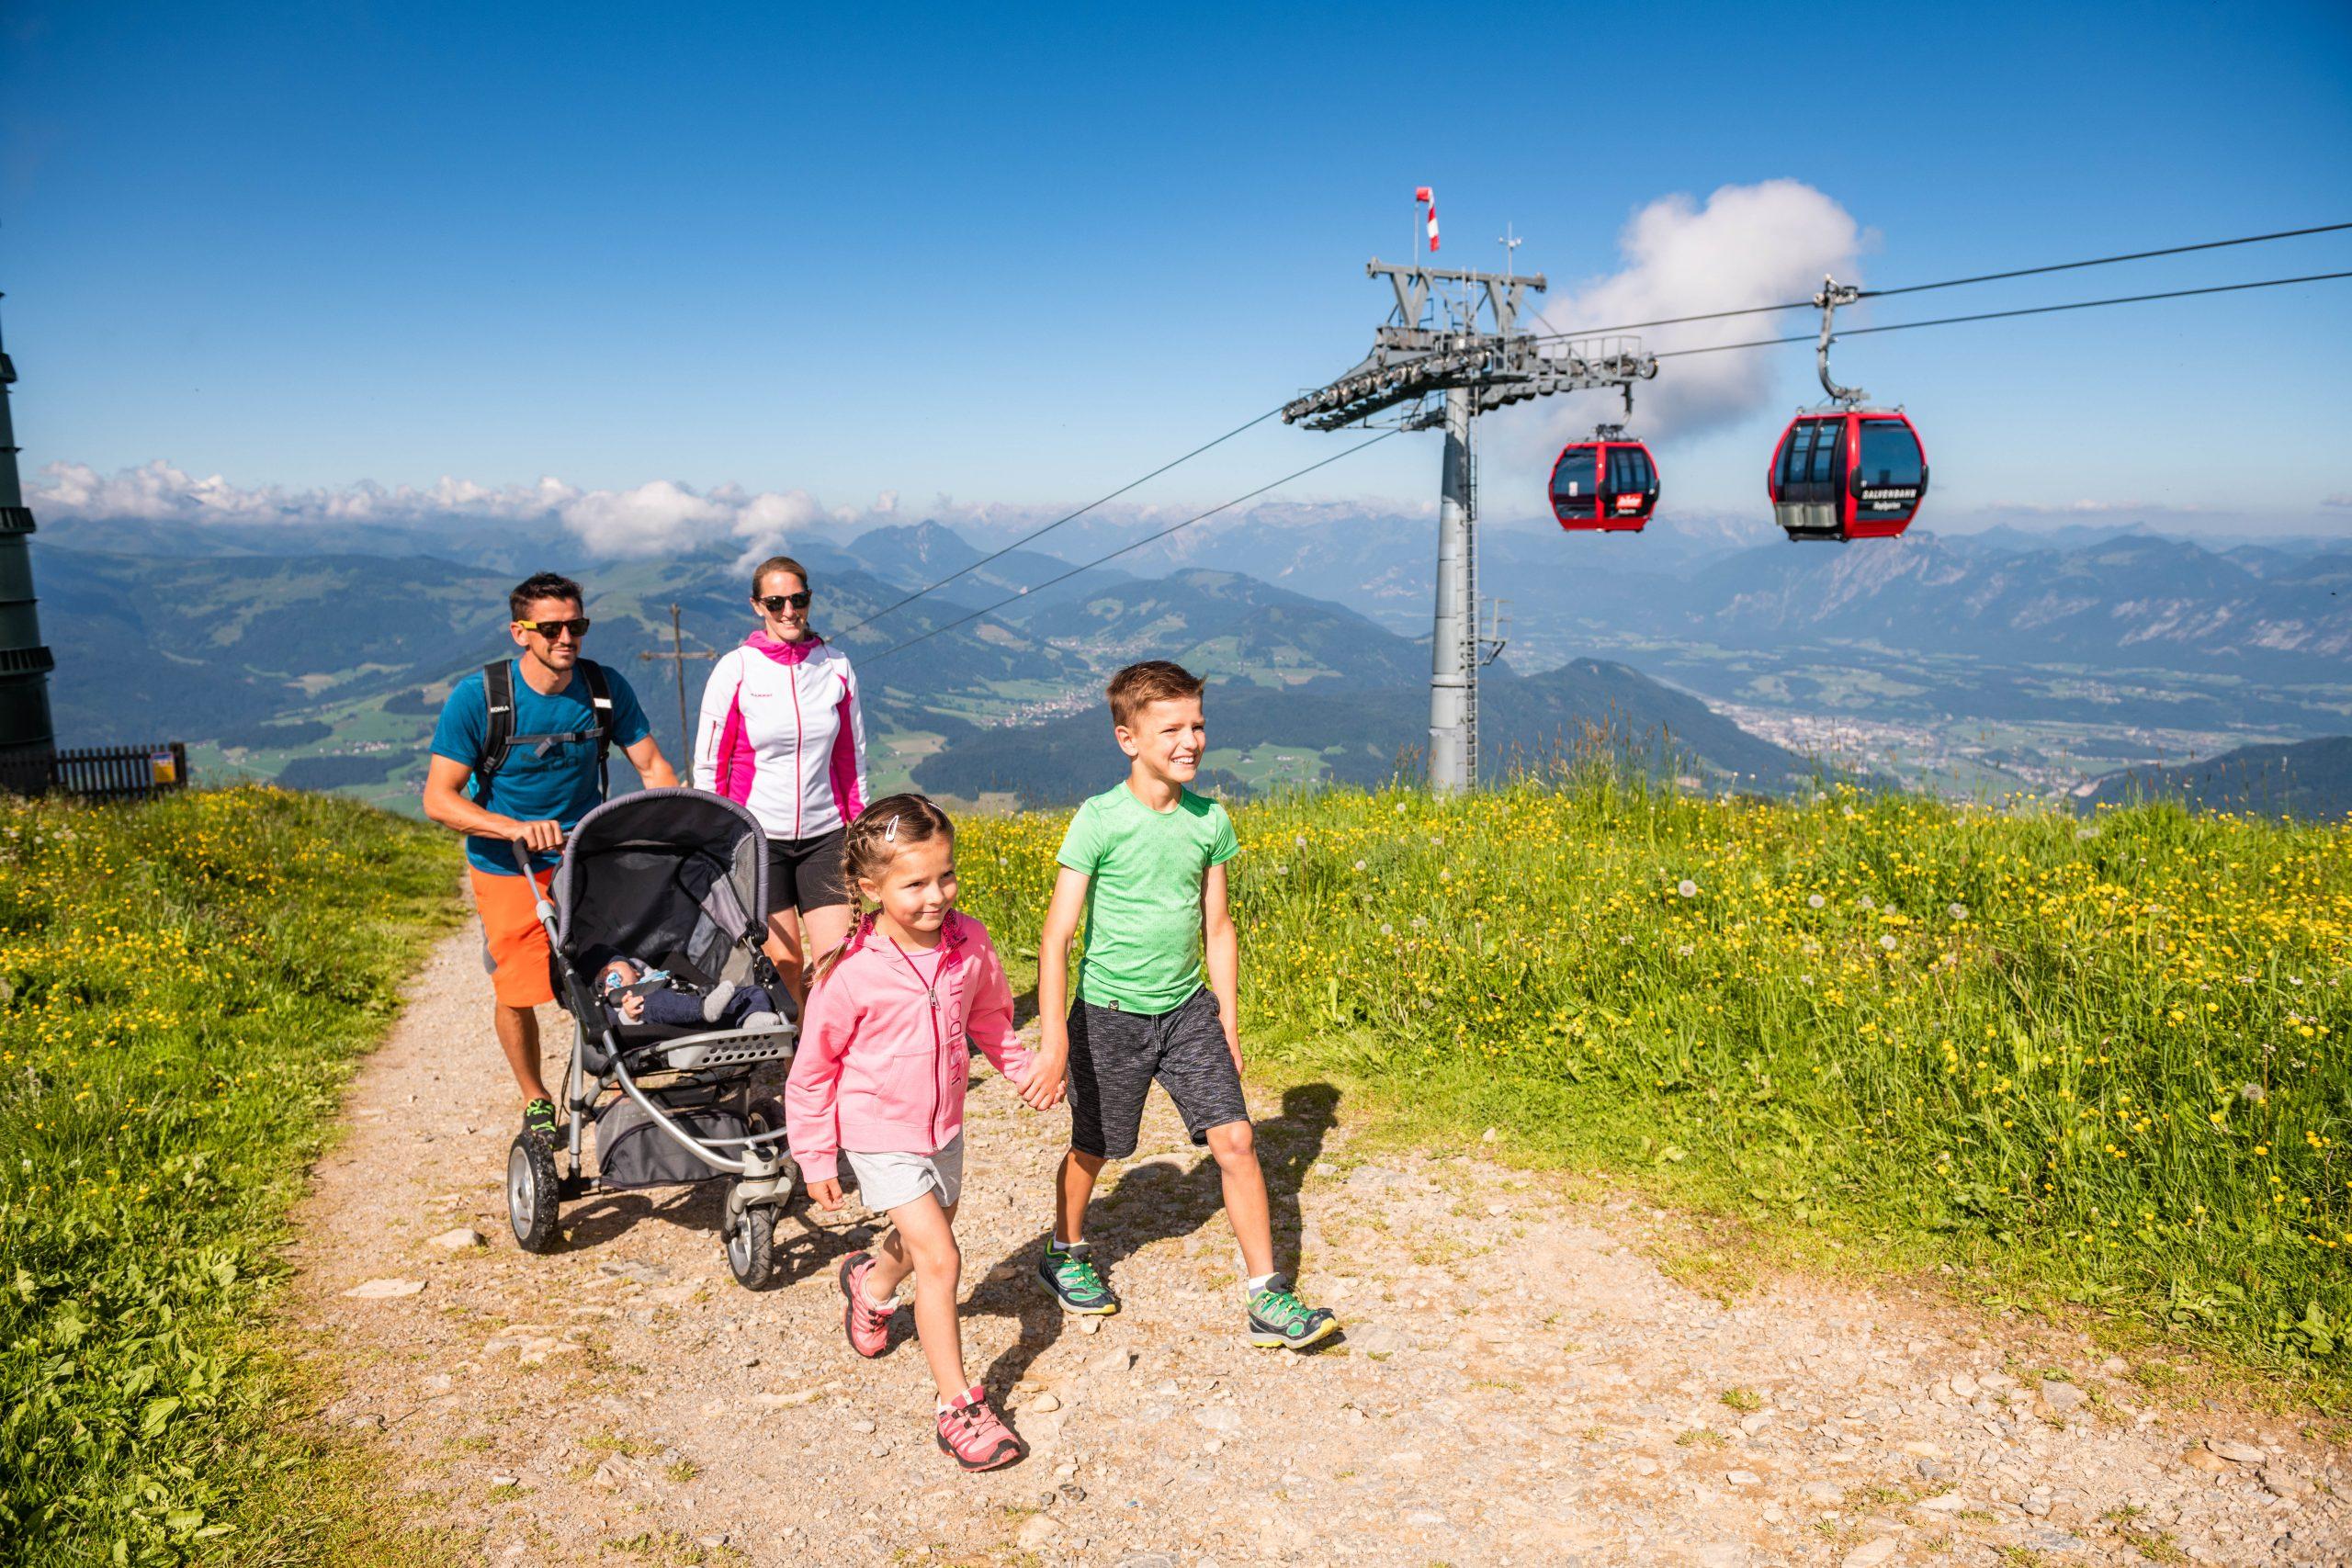 Familie spaziert auf Berg, dahinter Bergbahn